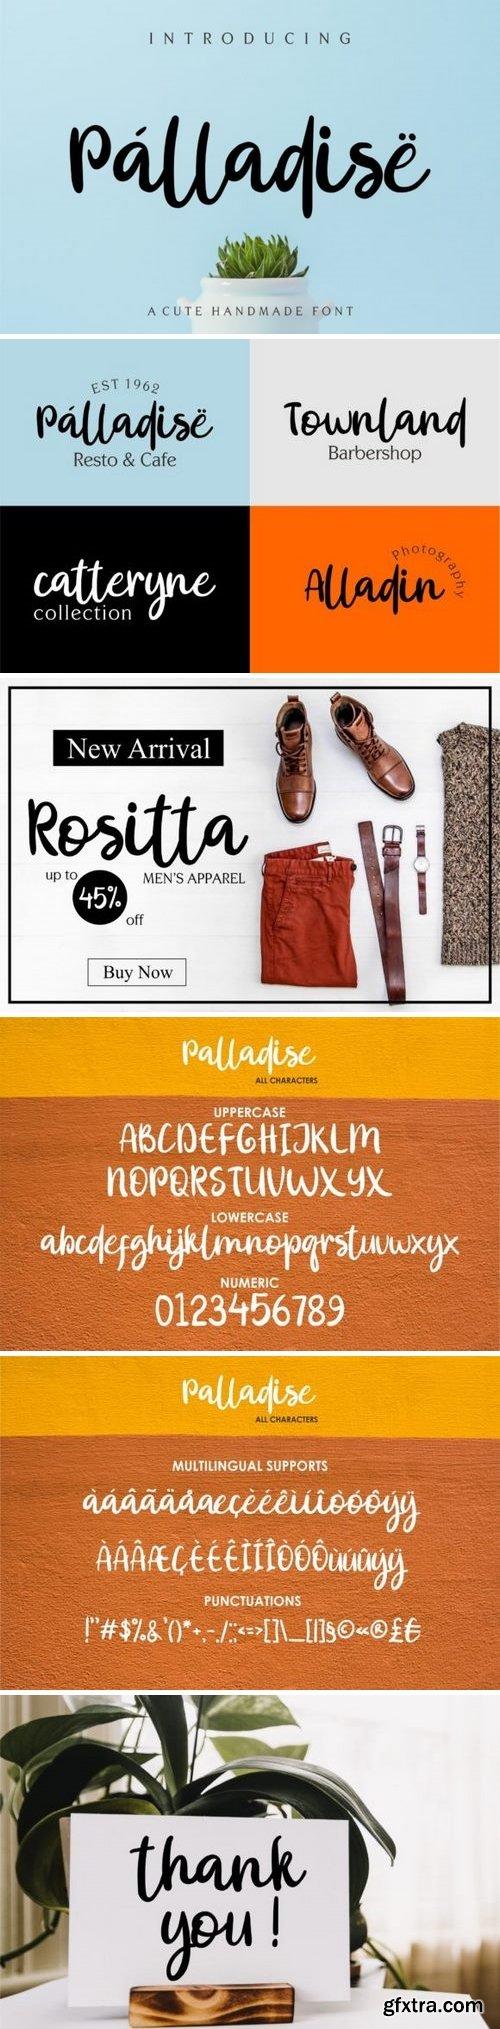 Fontbundles - Palladise Cute Font 234851